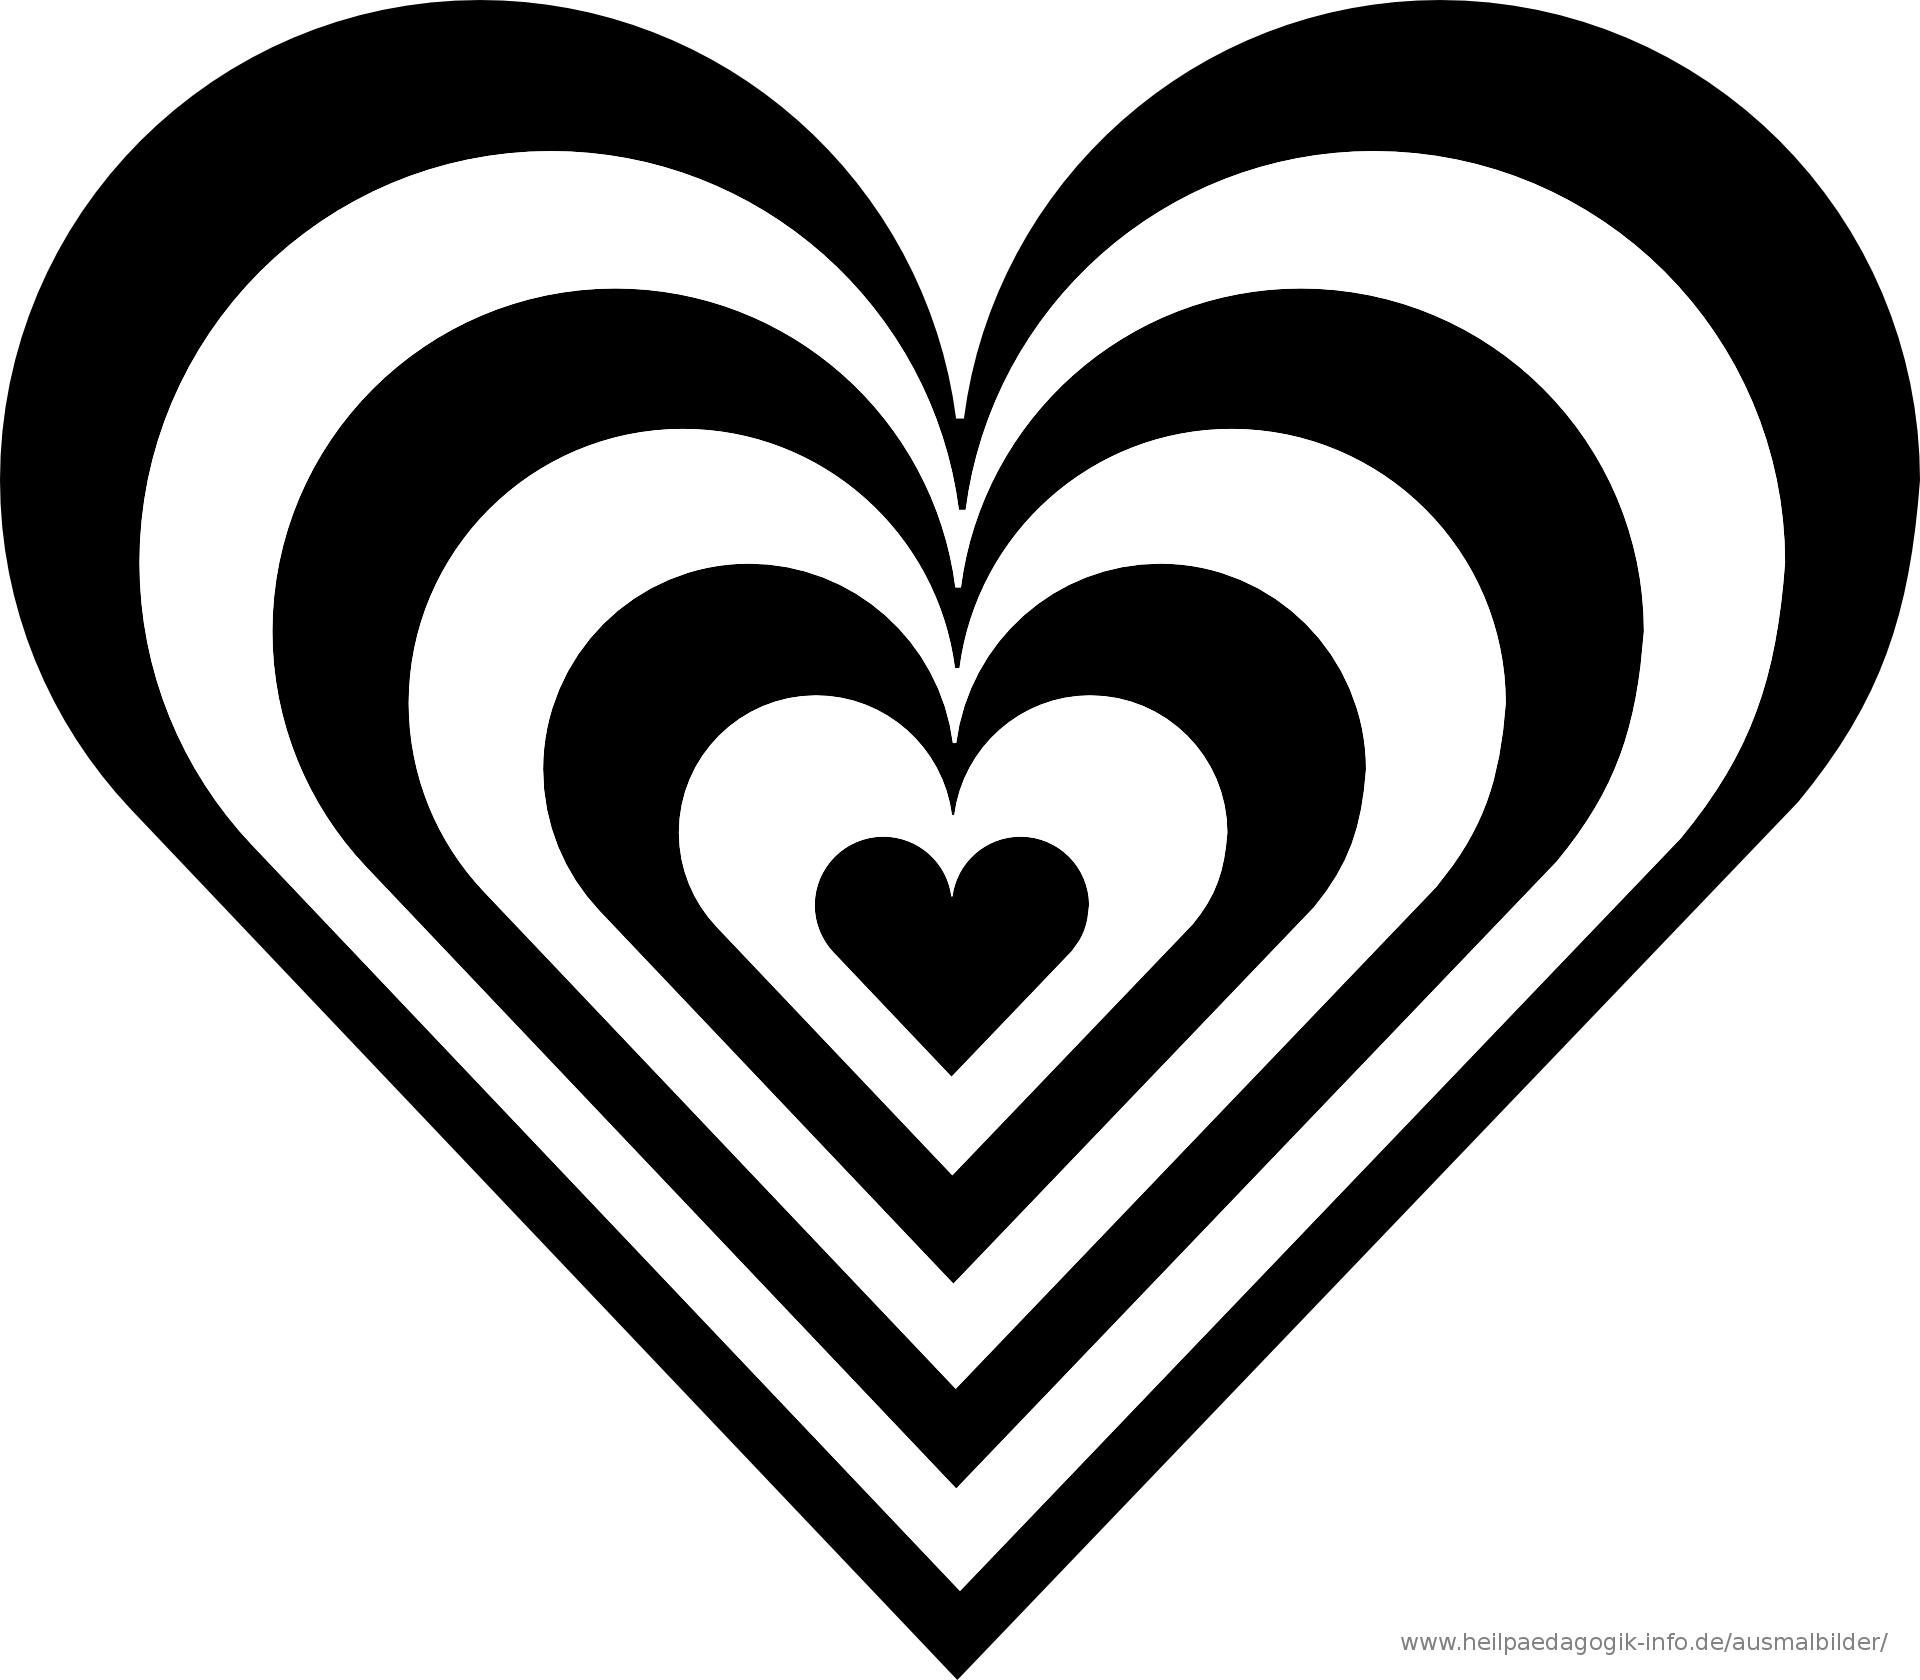 herz malvorlage 08 | Alles aus Holz | Pinterest | Herz malvorlage ...